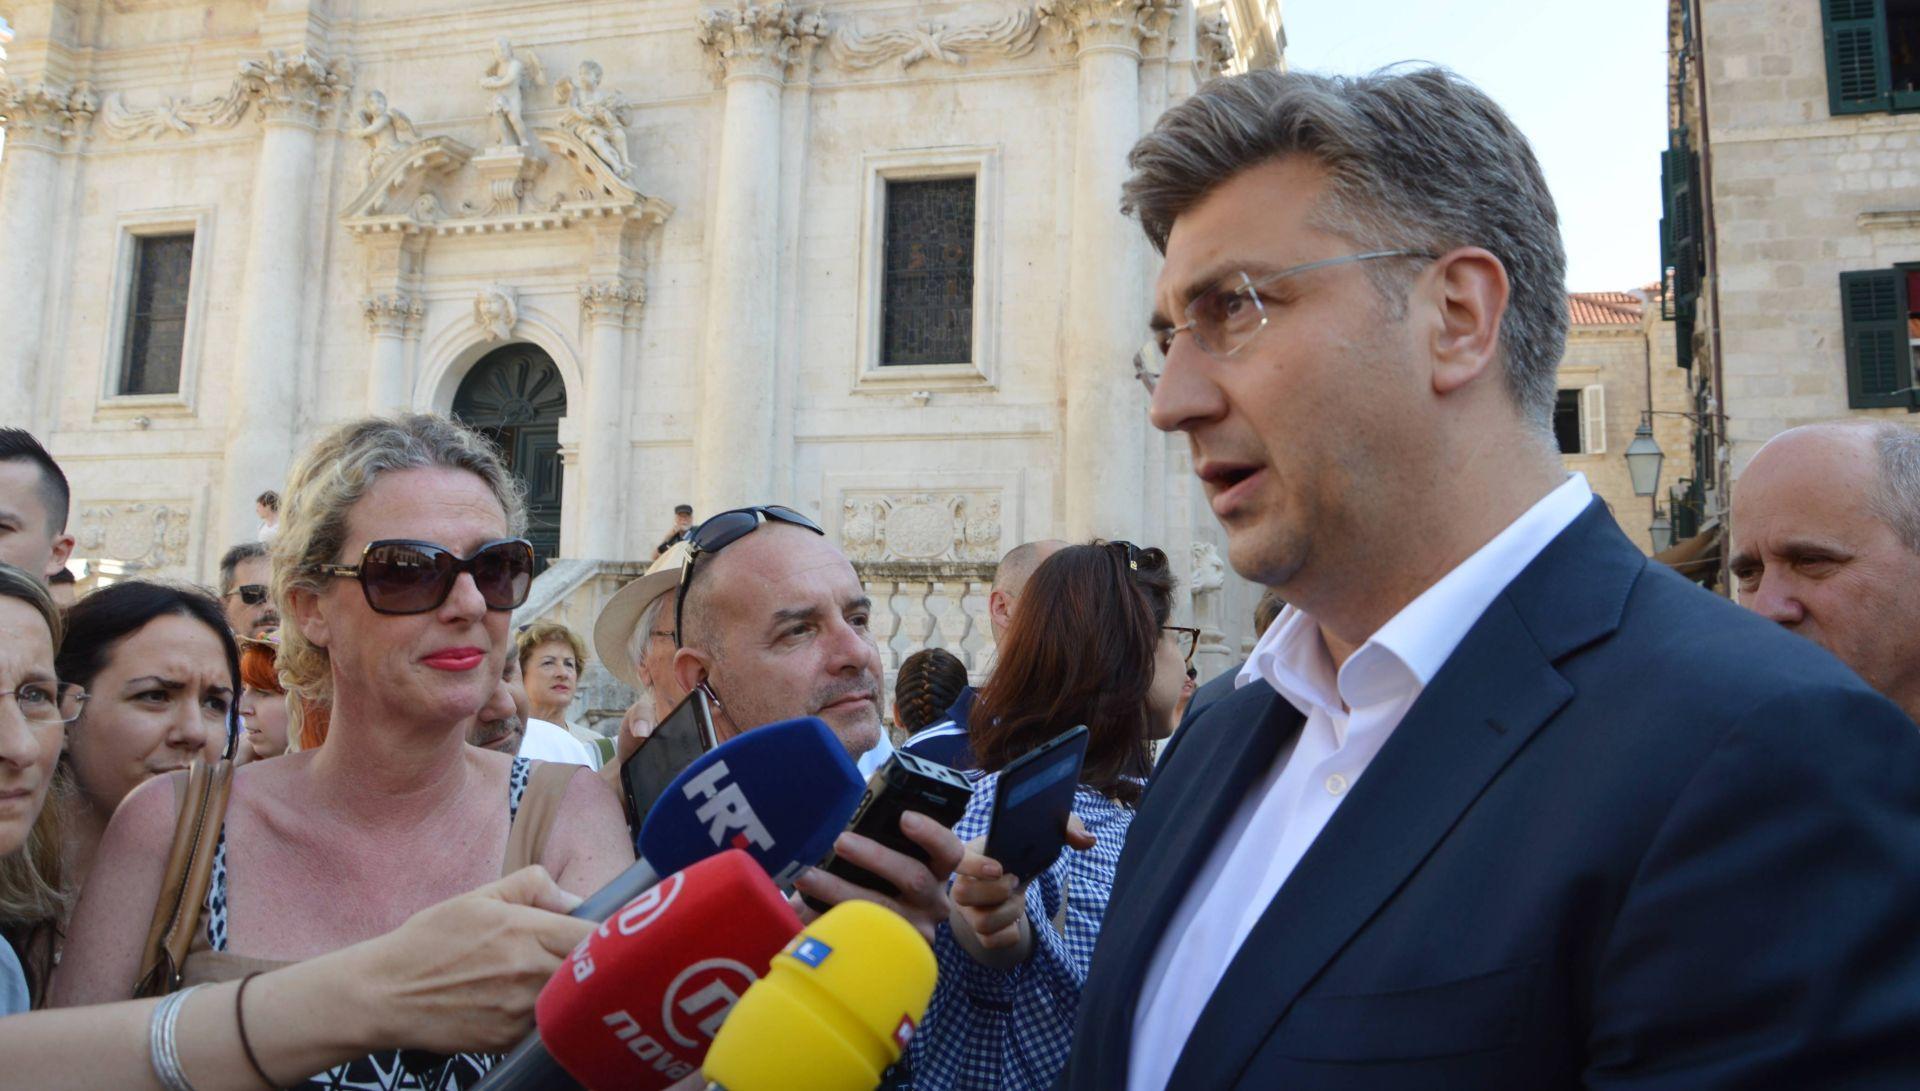 AGROKOR PLENKOVIĆ 'Uskoro rješenje financiranja koncerna'